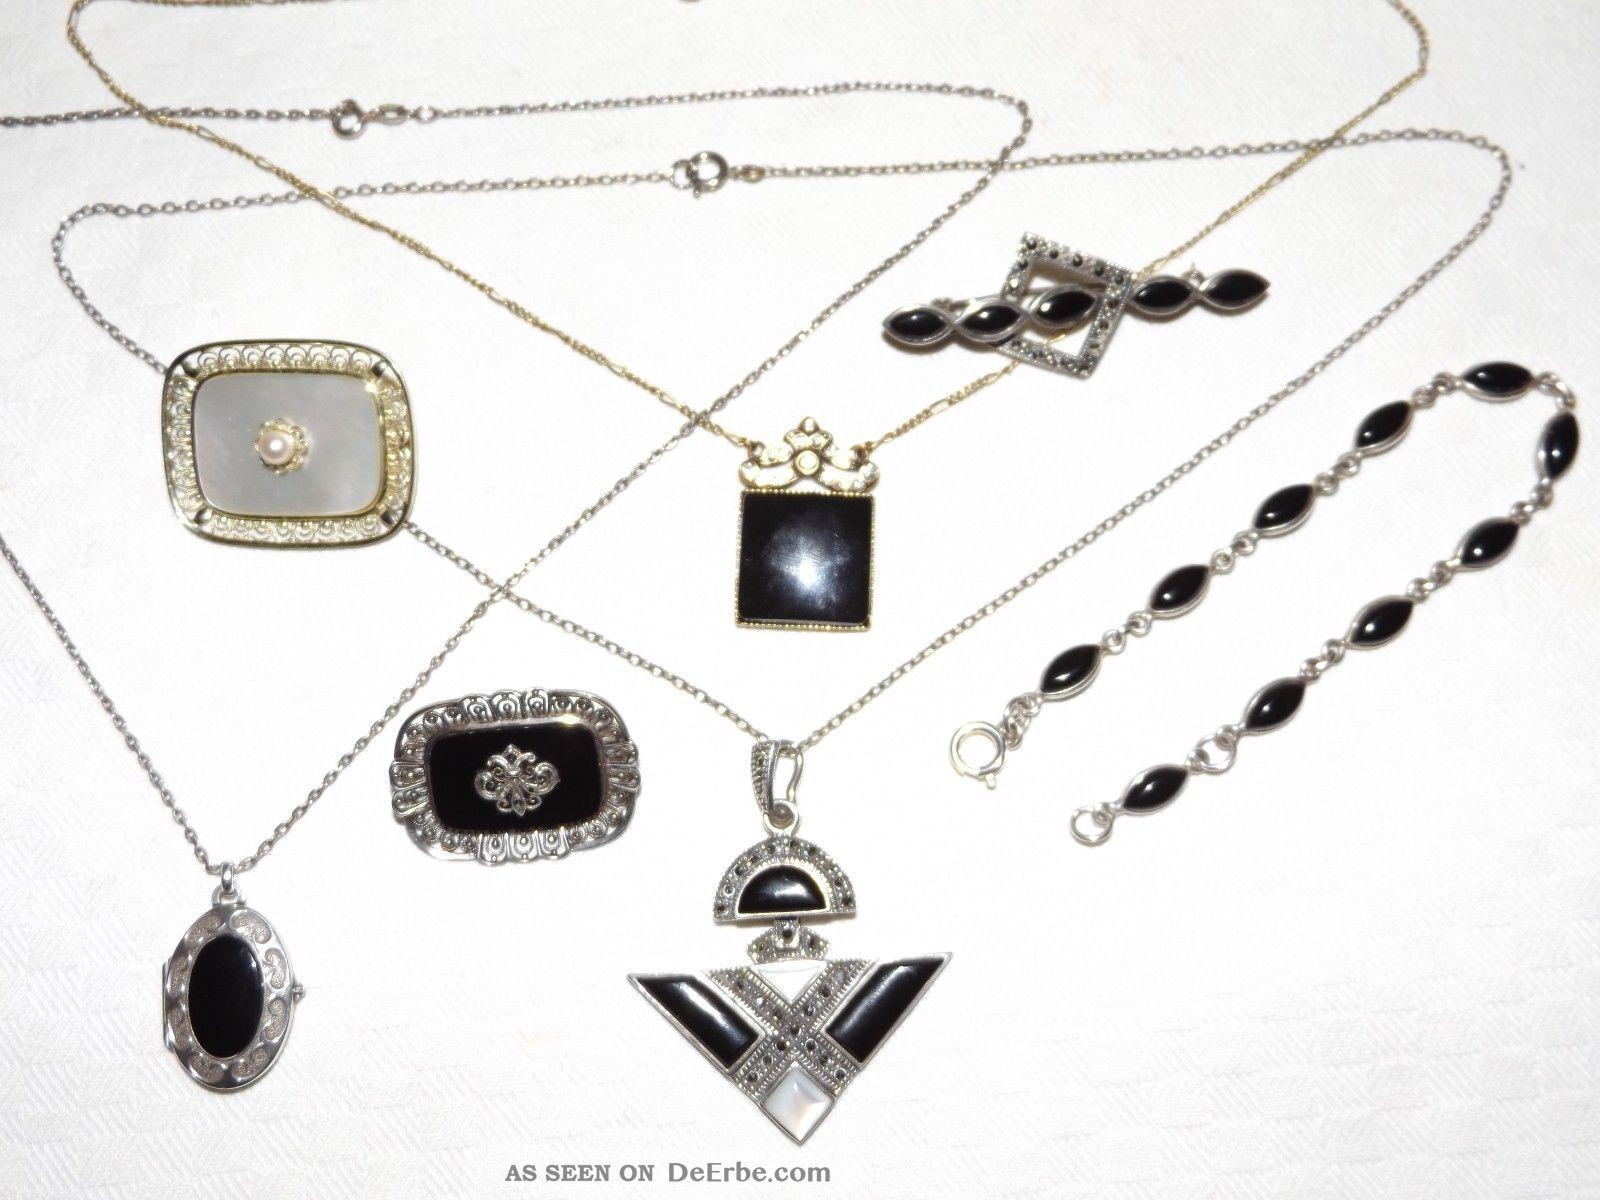 Silber Schmuck Mit Onyx,  Perlmutt & Markasiten,  20 - Er Jahre.  S.  800,  835,  925. Schmuck nach Epochen Bild